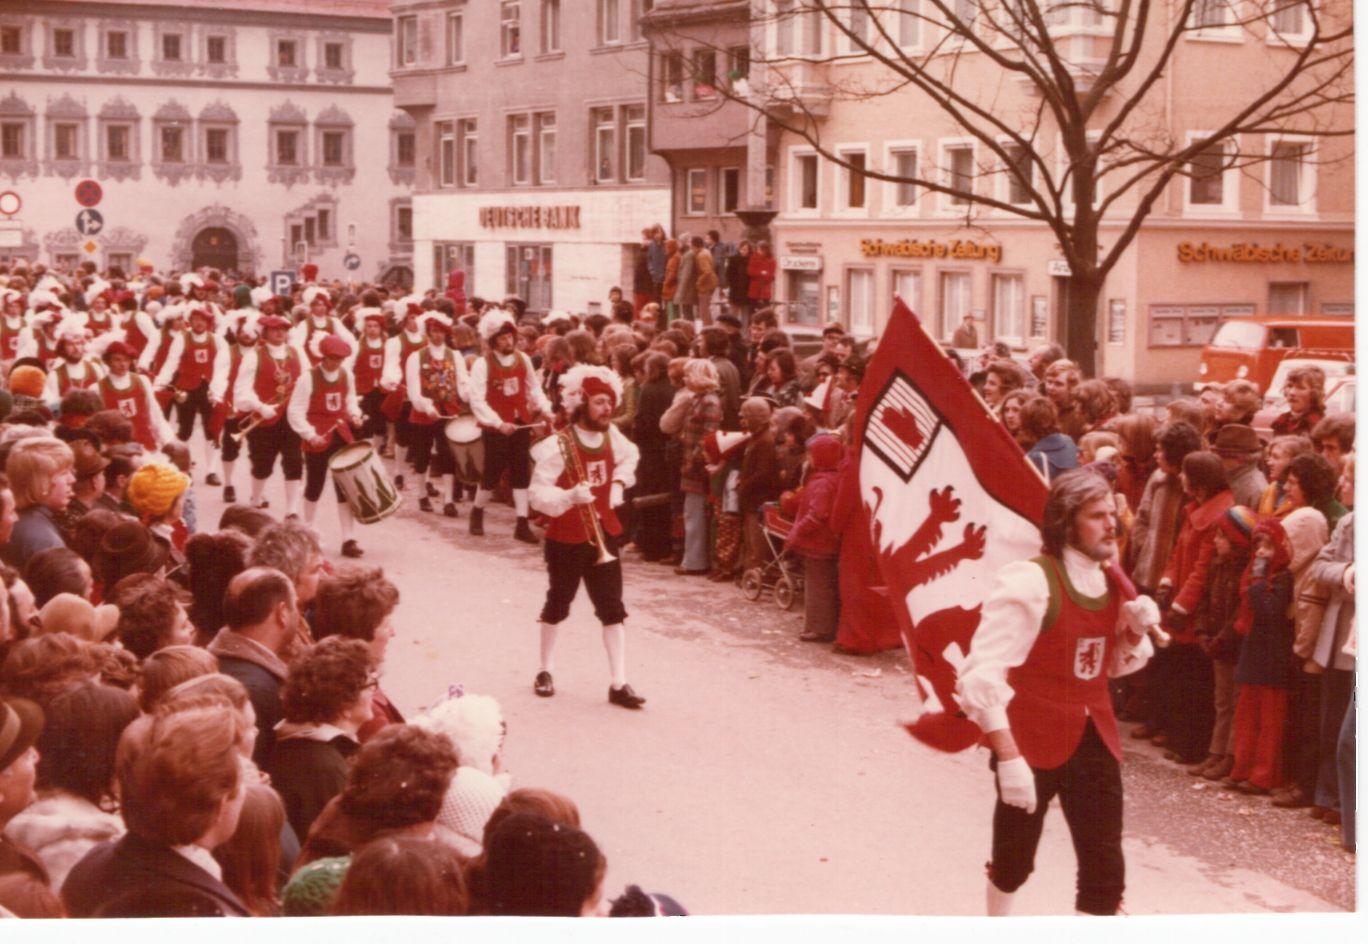 Der Fanfarenzug Ankenreute beim Rosenmontagsumzug in Ravensburg Mitte 1970